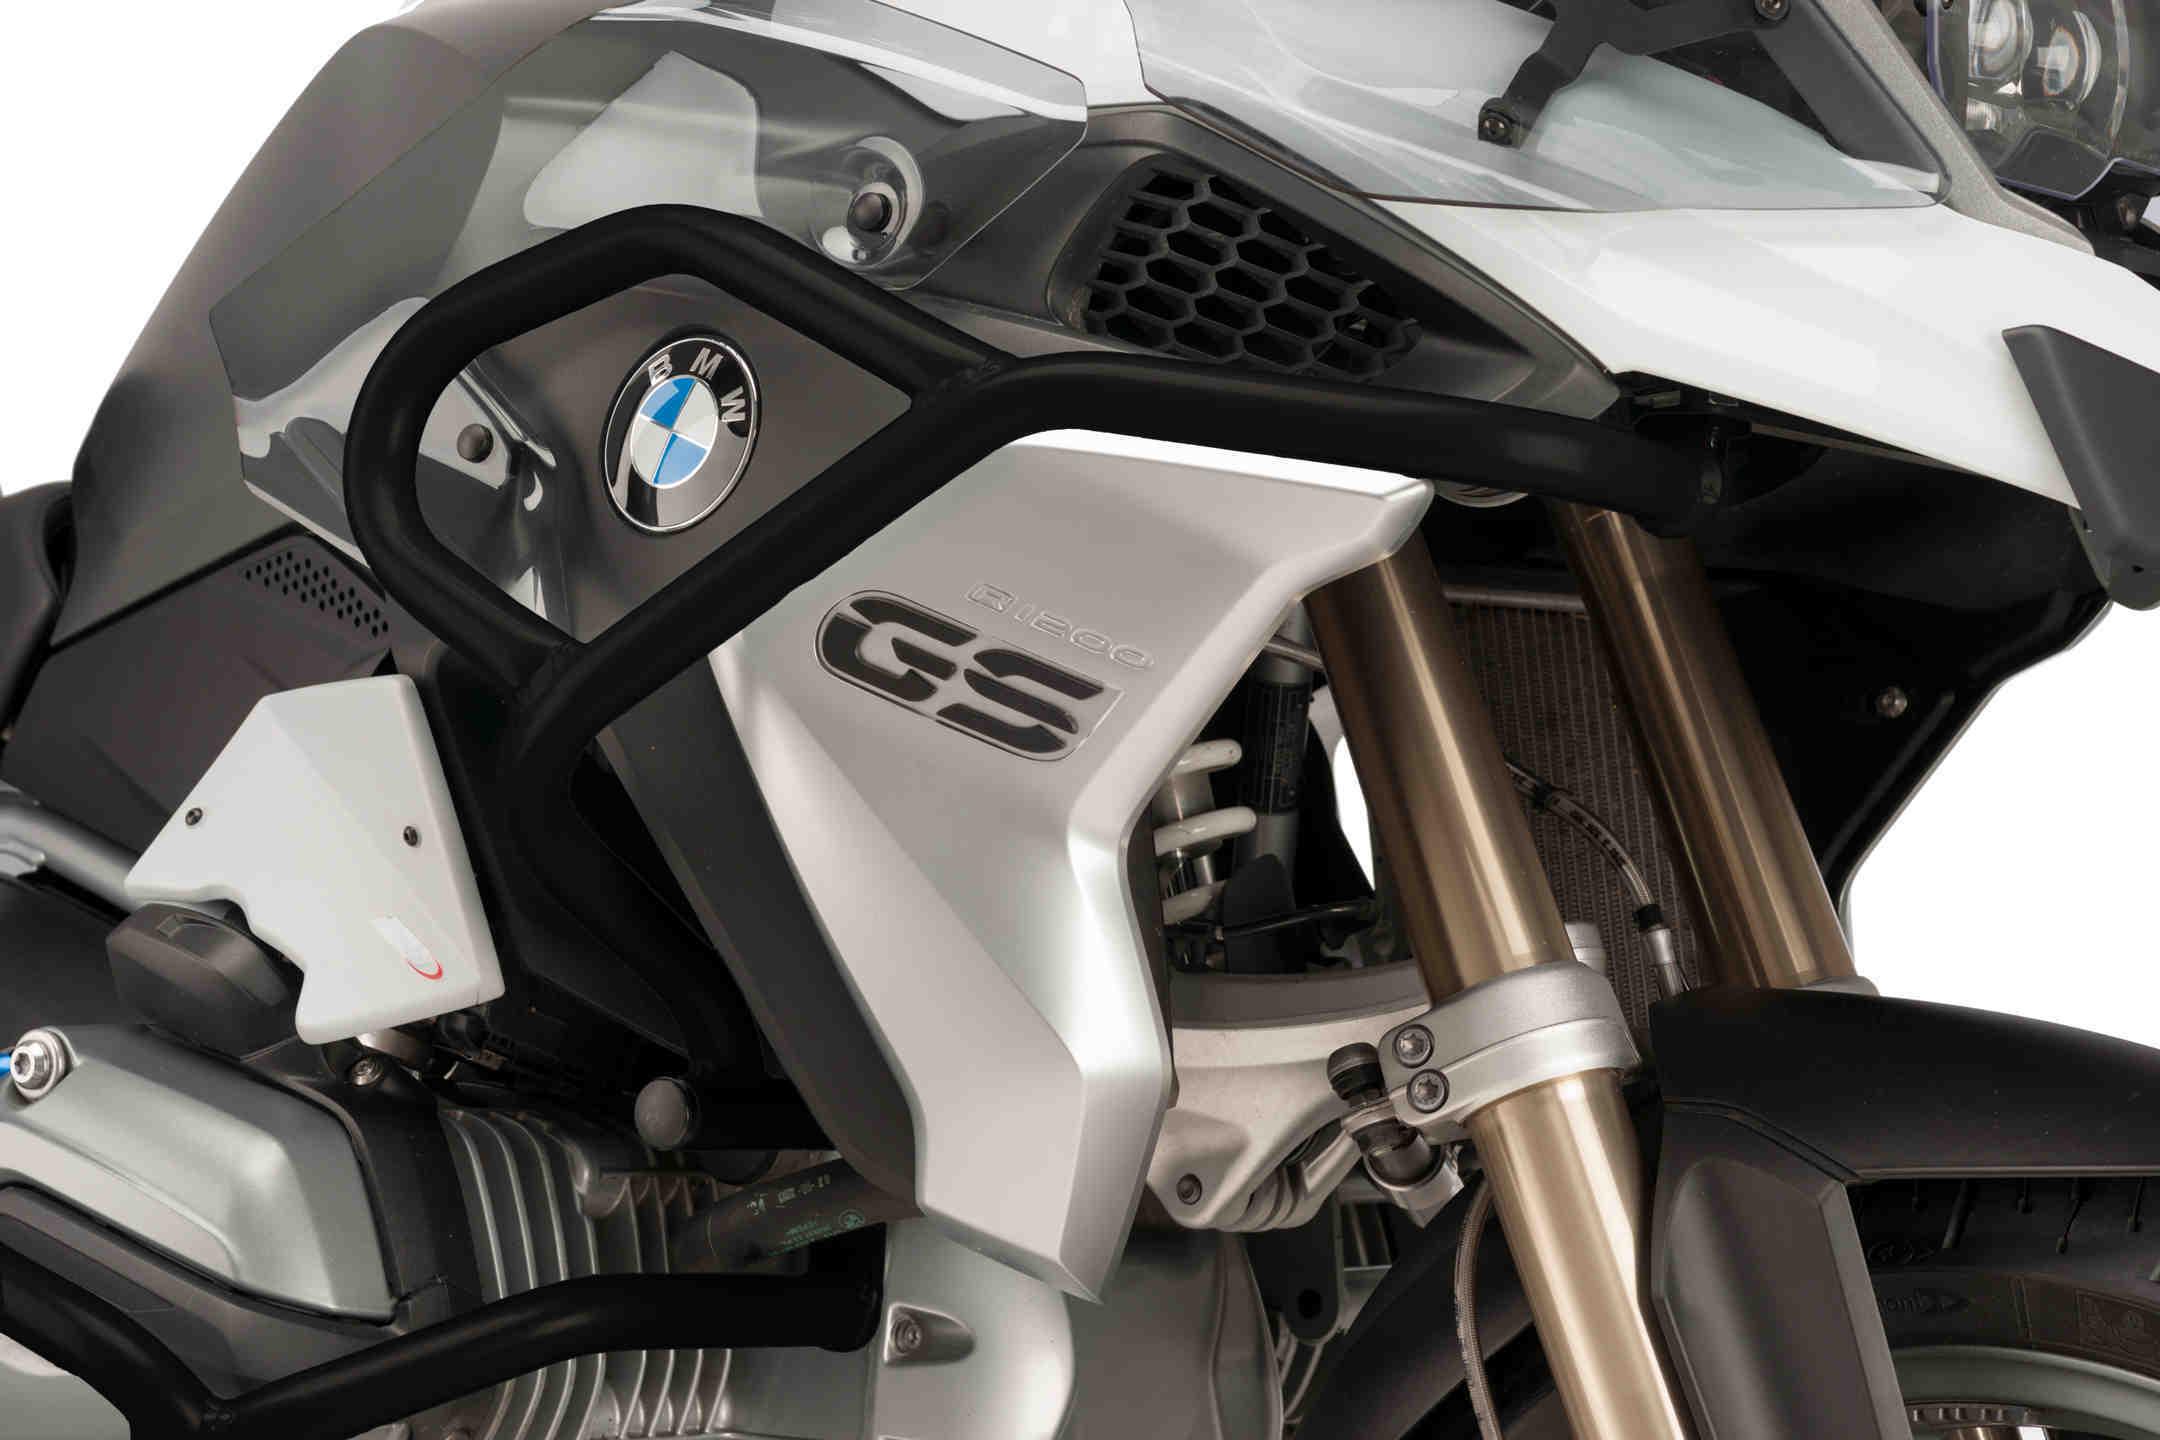 Defensas de motor Puig para moto BMW R1200 GS 17 (parte alta)